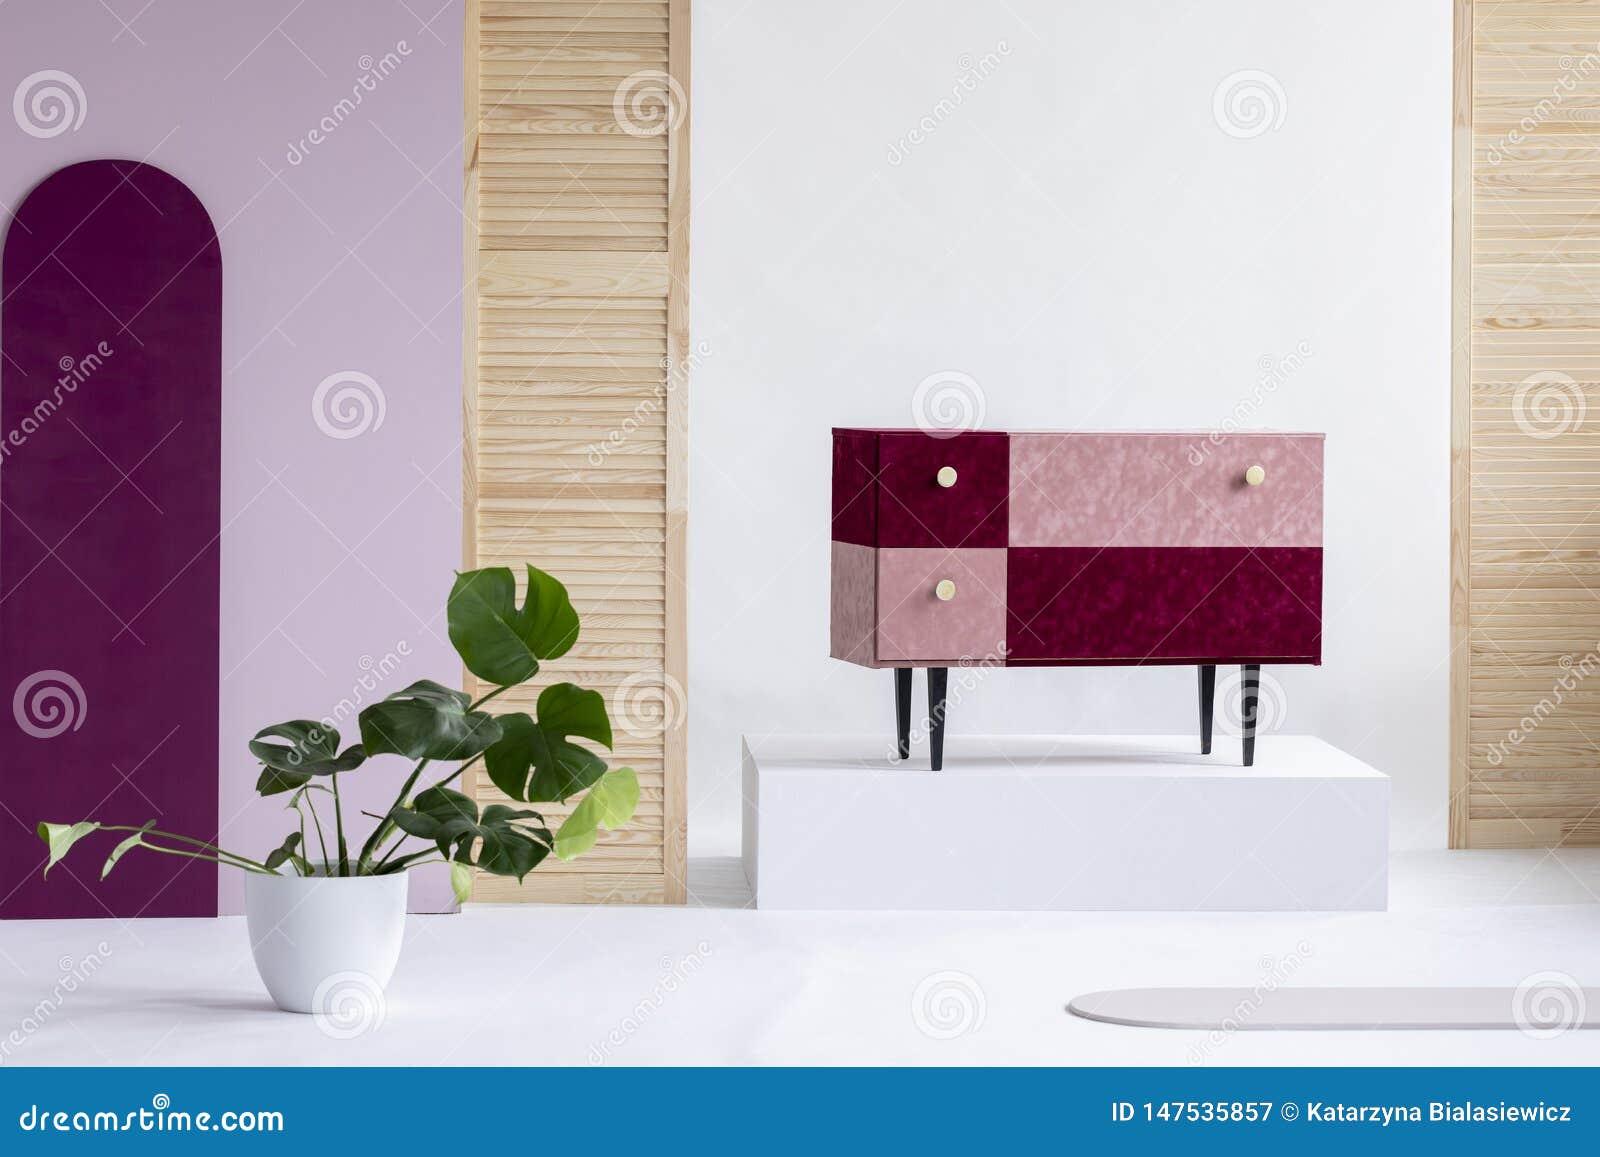 手工制造天鹅绒粉红彩笔和伯根地洗脸台在典雅的白色内部